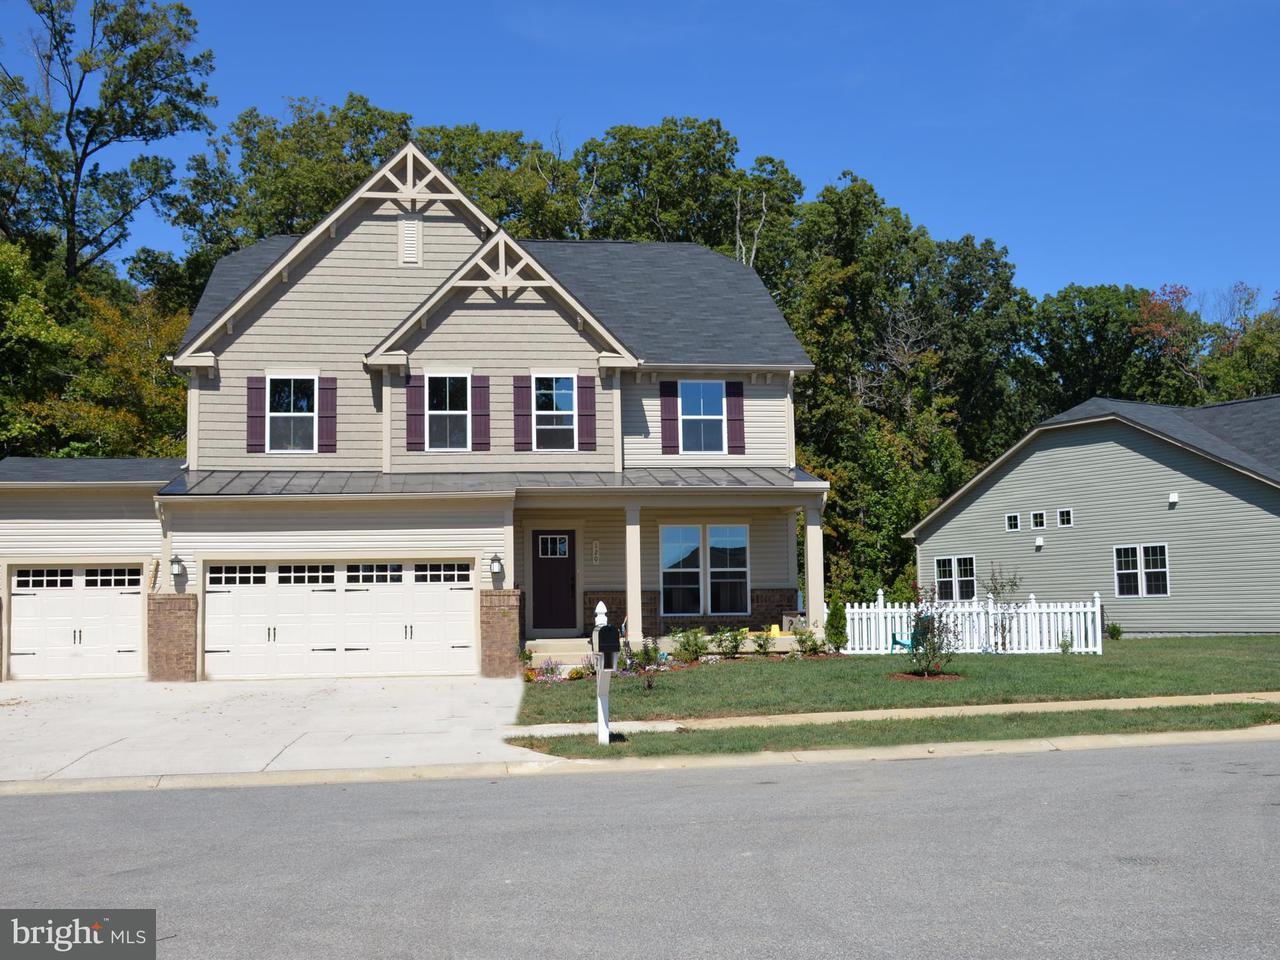 一戸建て のために 売買 アット 1006 FLORETTY Court 1006 FLORETTY Court Severn, メリーランド 21144 アメリカ合衆国